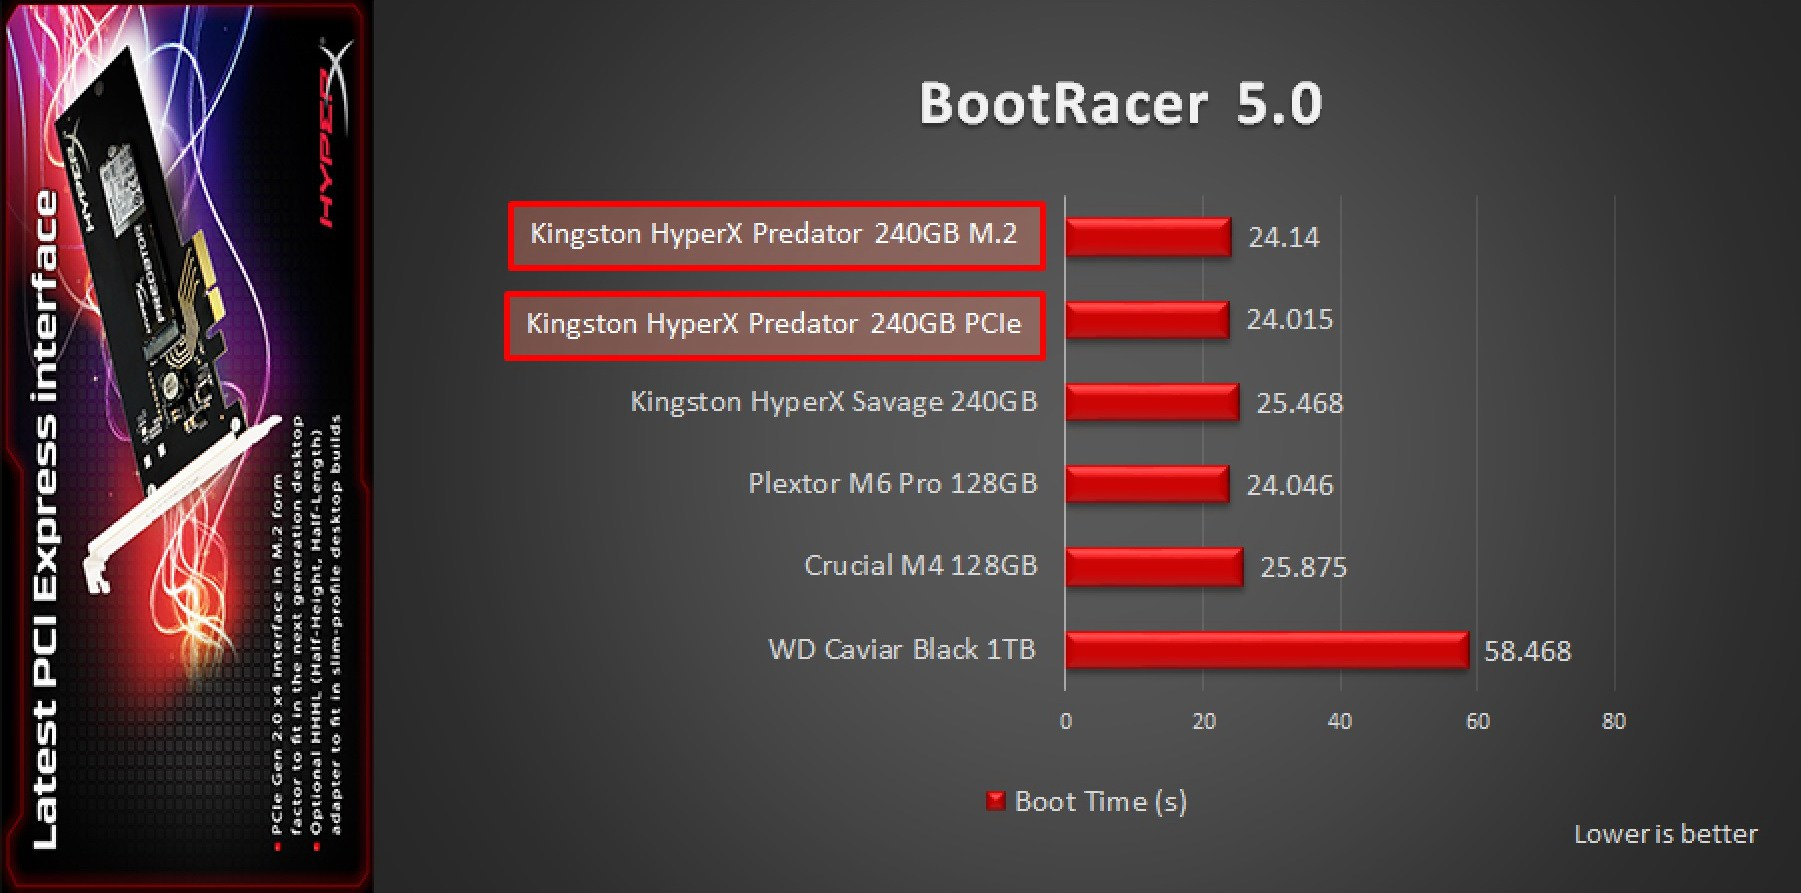 BootRacer-1.jpg